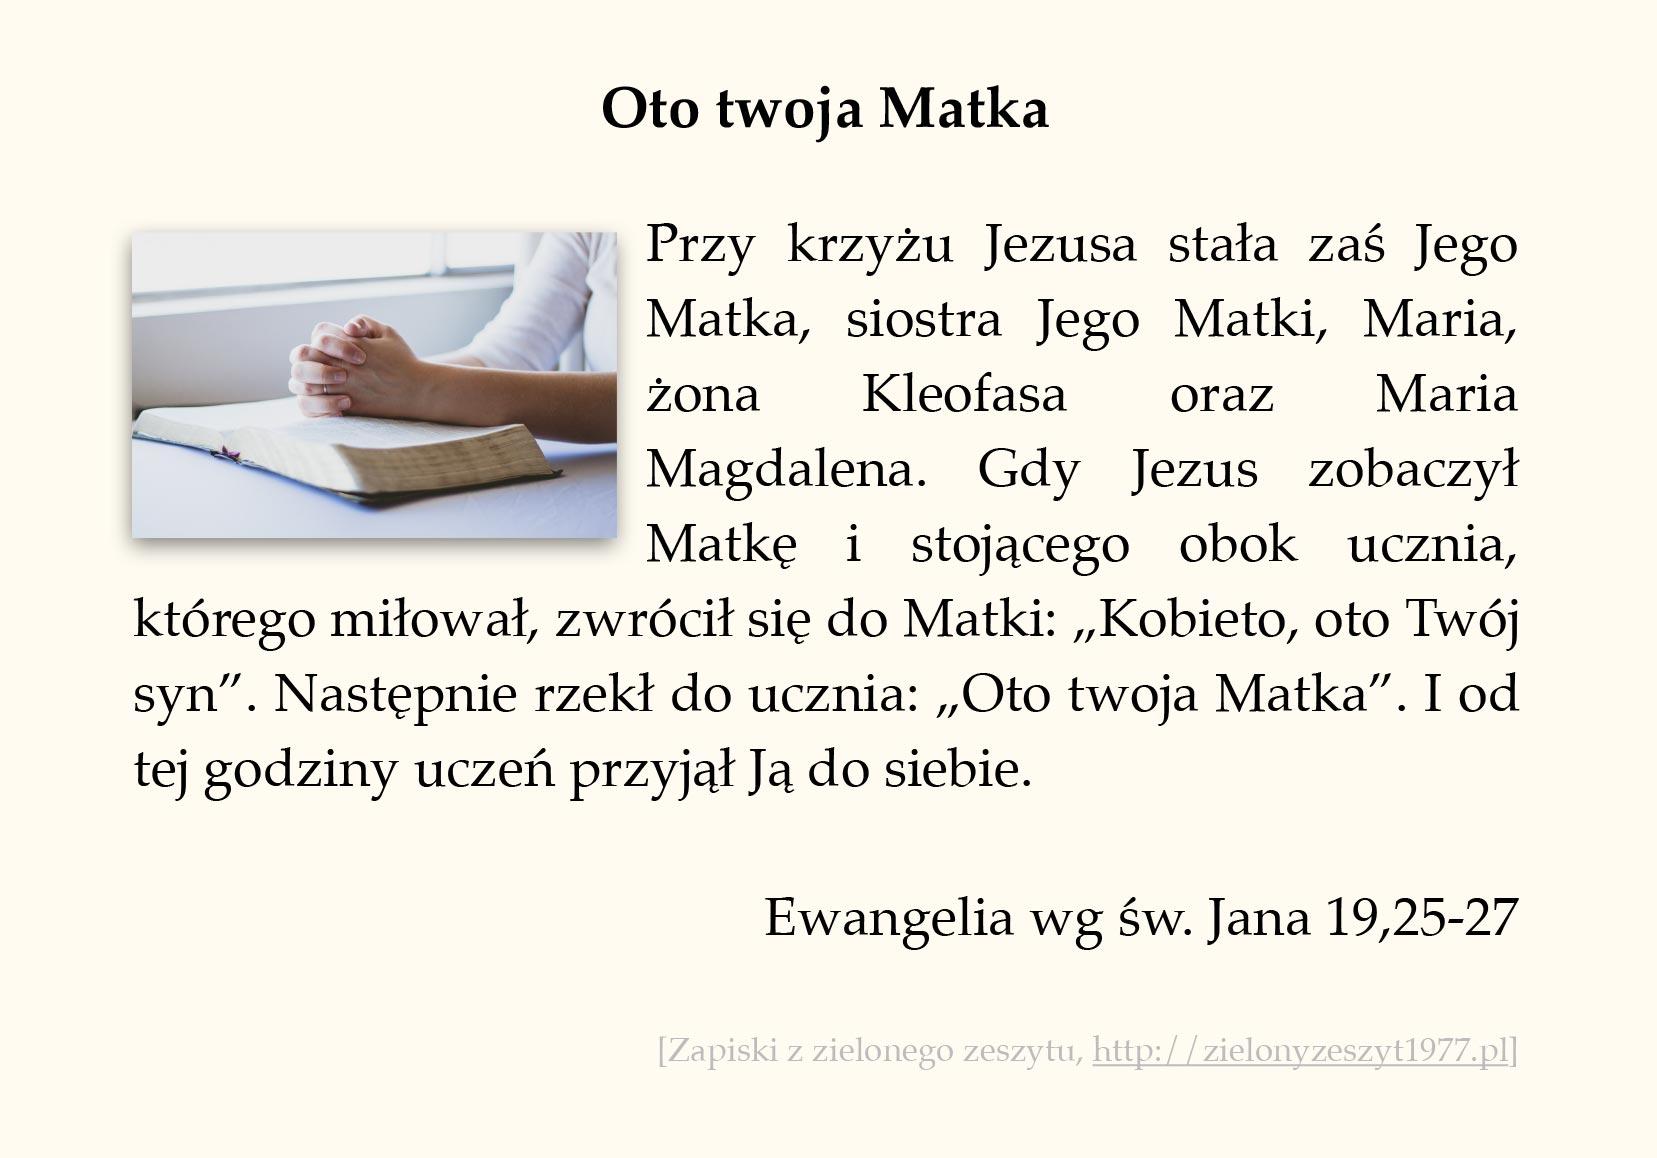 Oto twoja Matka, Ewangelia wg św. Jana (#94)